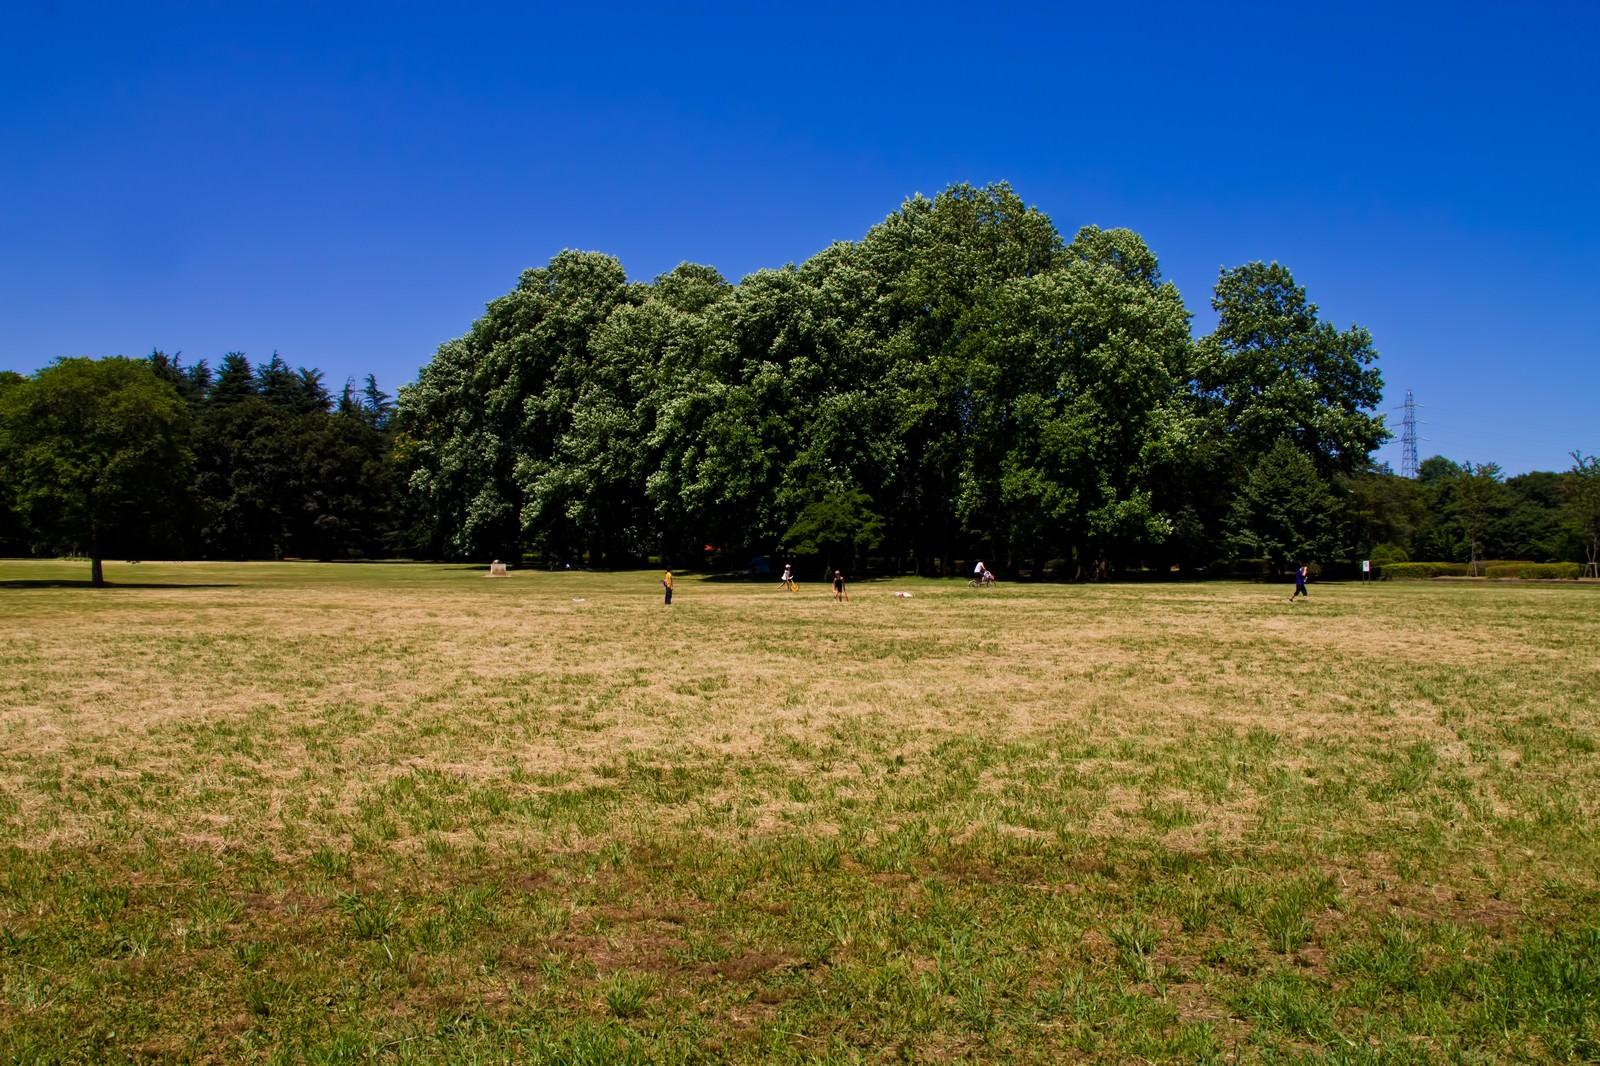 「青空と広がる公園」の写真